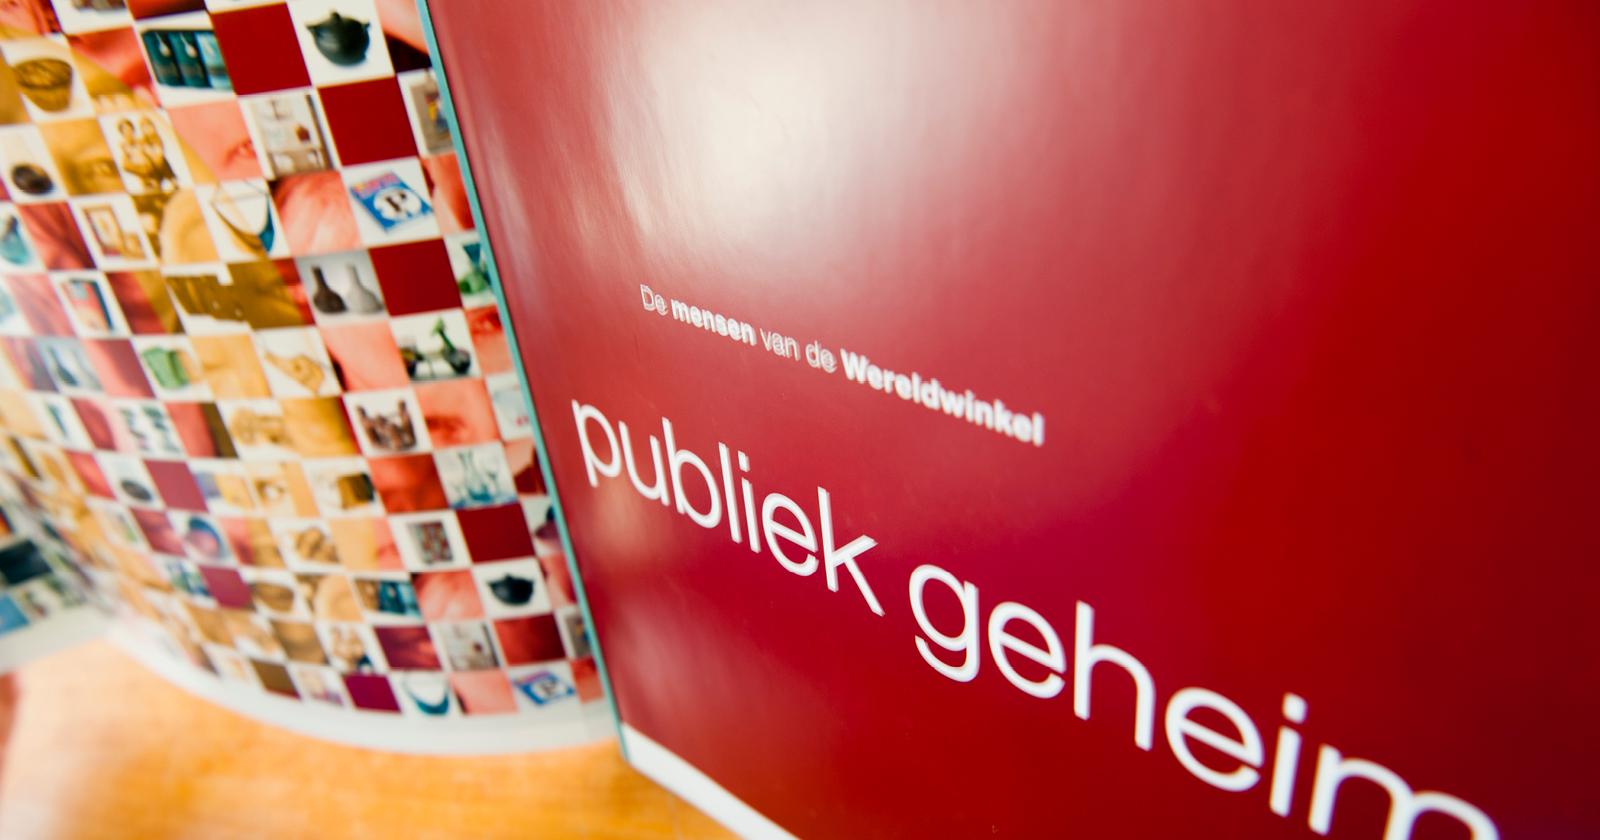 publiekgeheim16